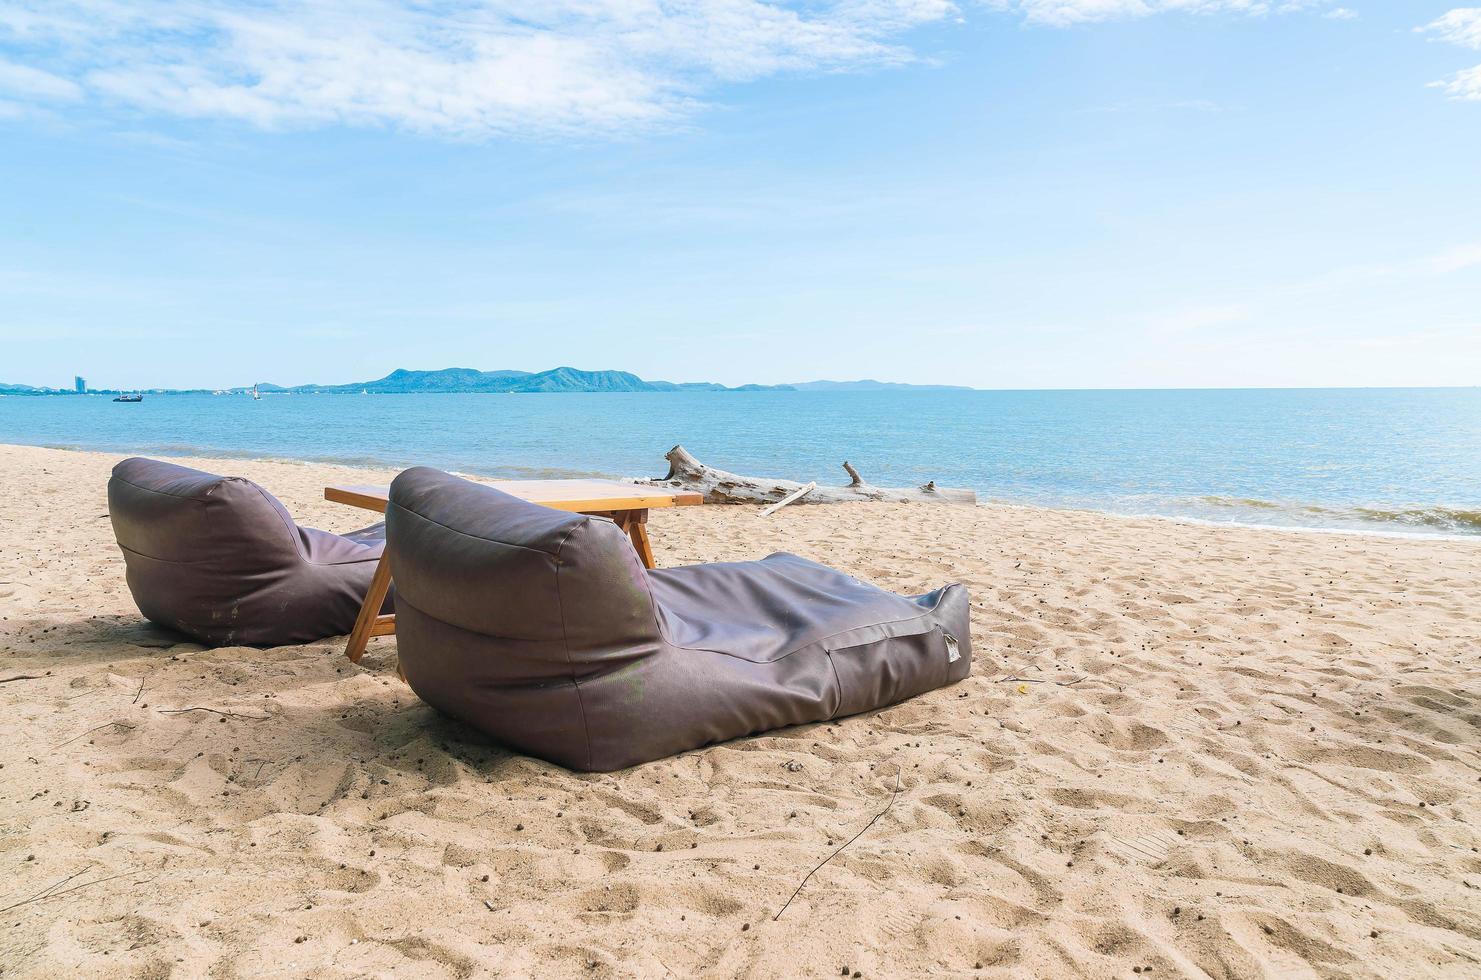 due sacchi di fagioli su una spiaggia foto